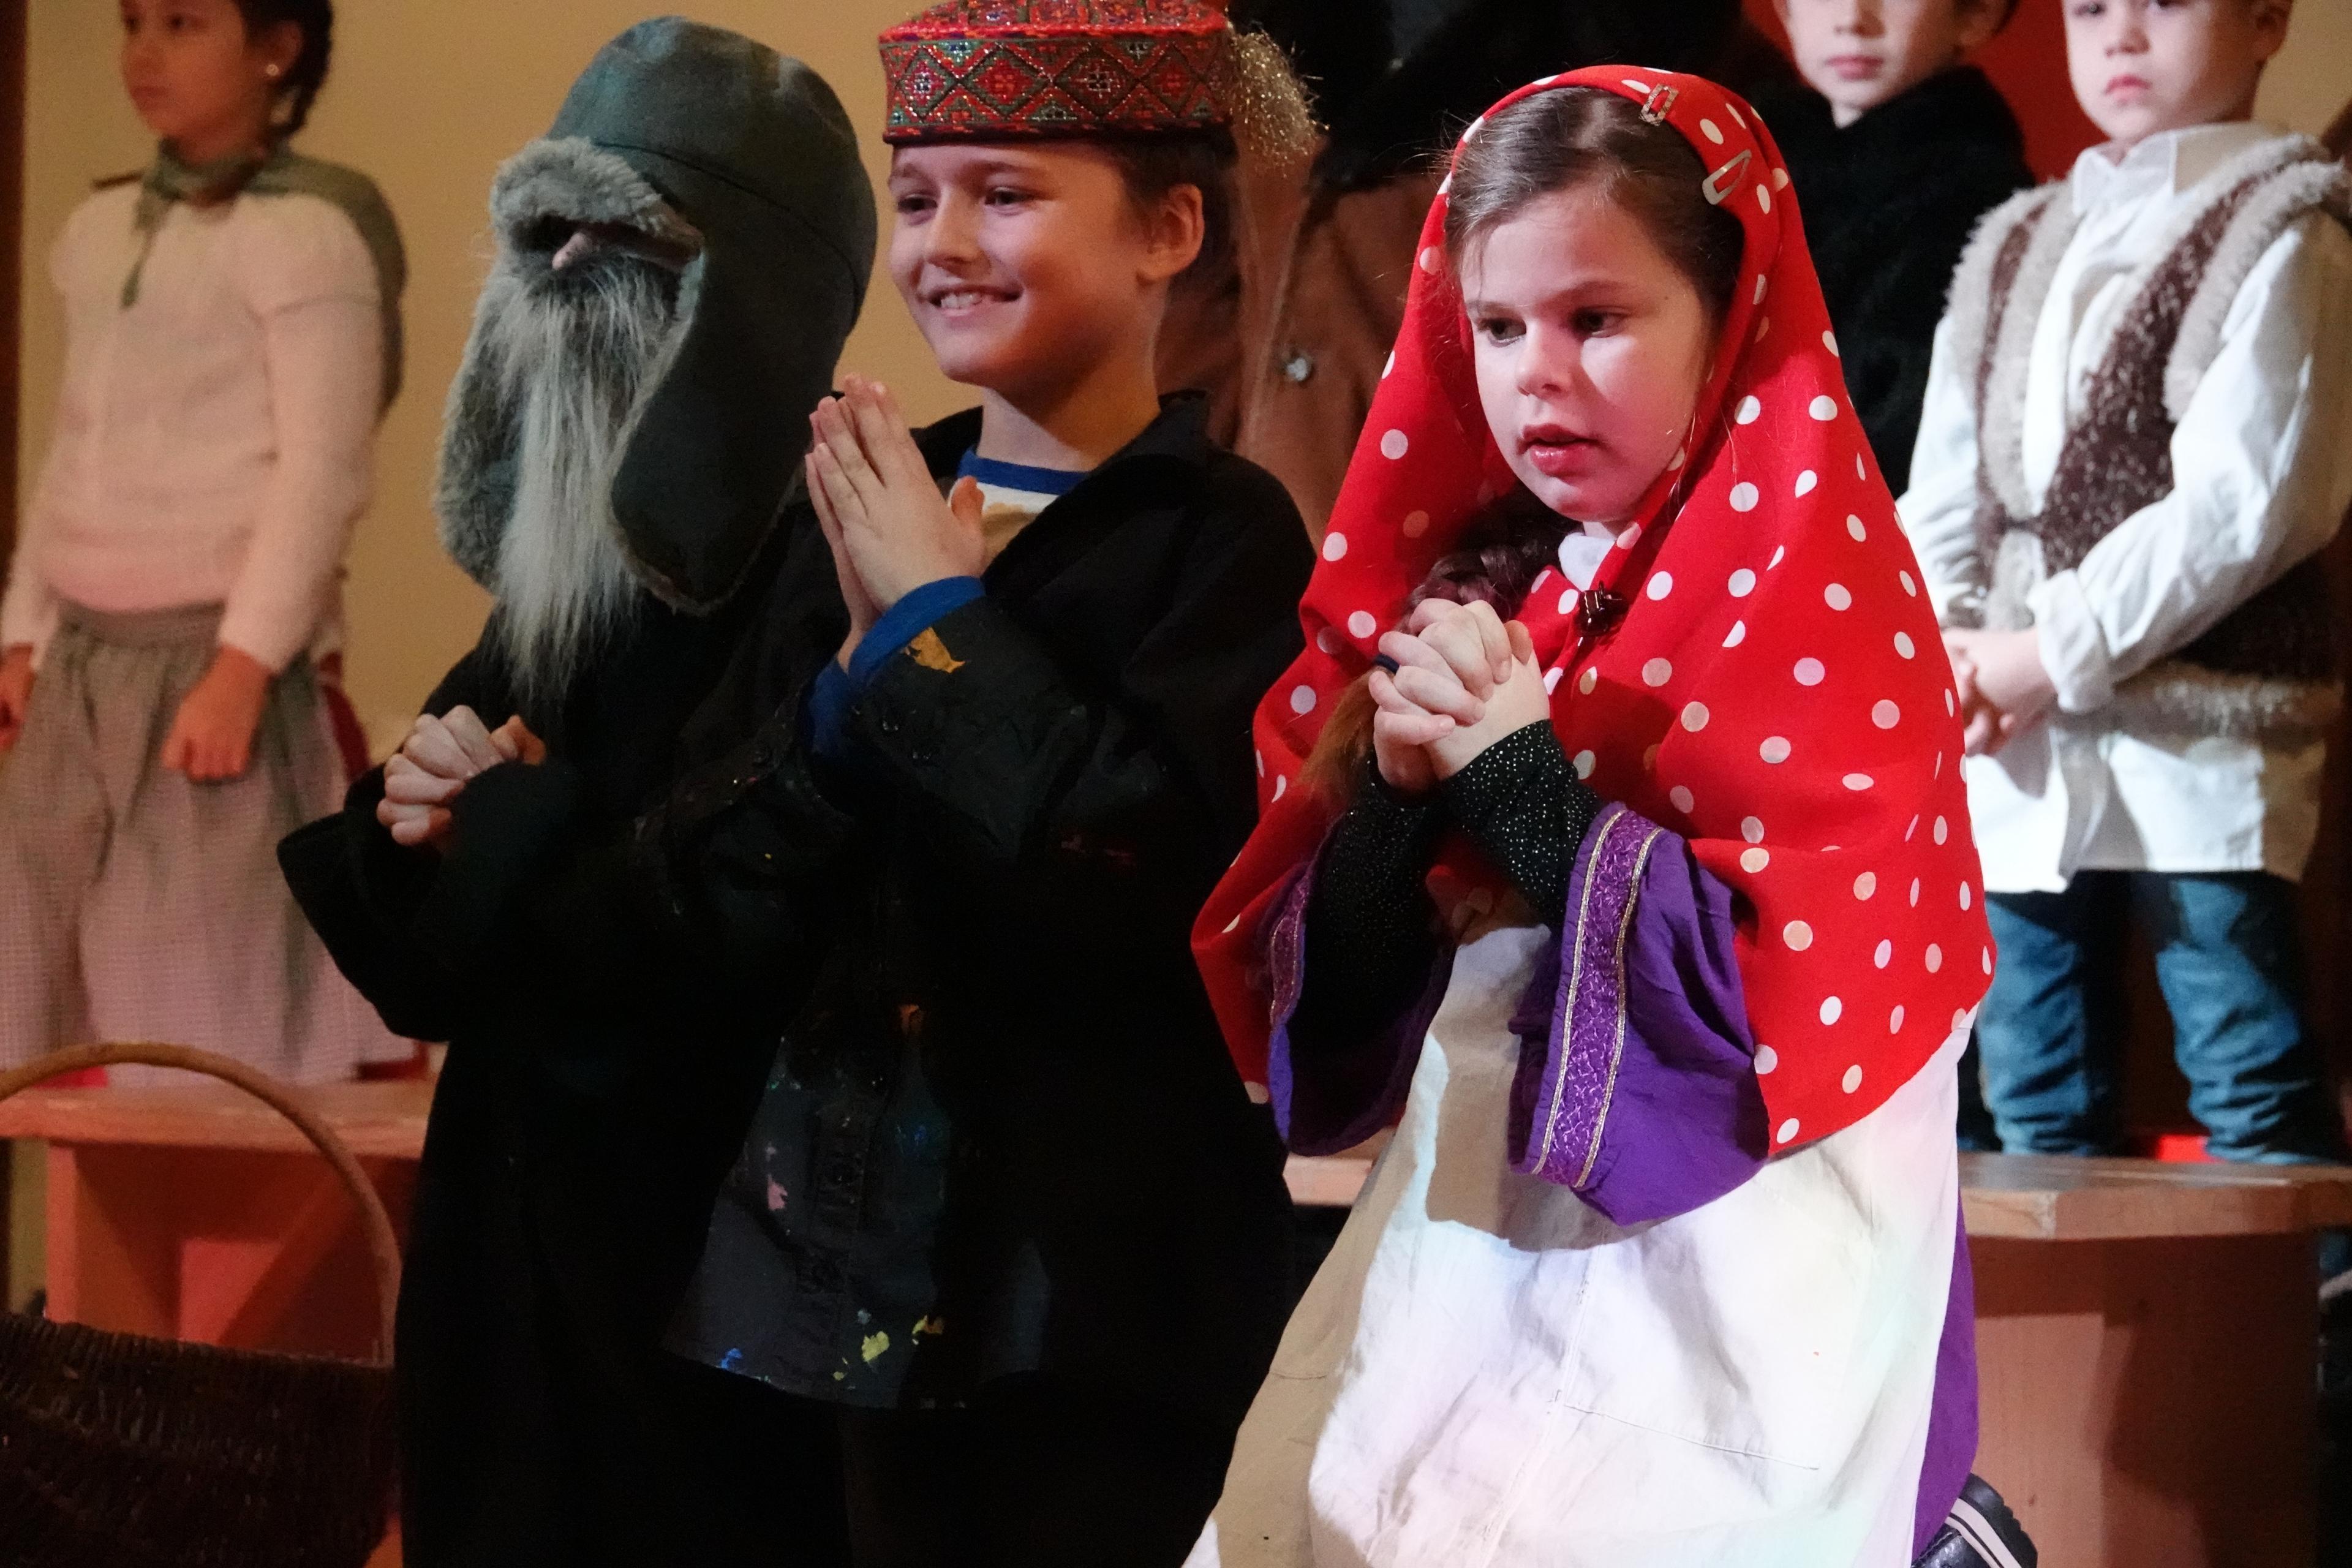 Weihnachtsfeier Geschichte.Weihnachtsfeier Mit Einer Geschichte Aus Russland Evang Ref